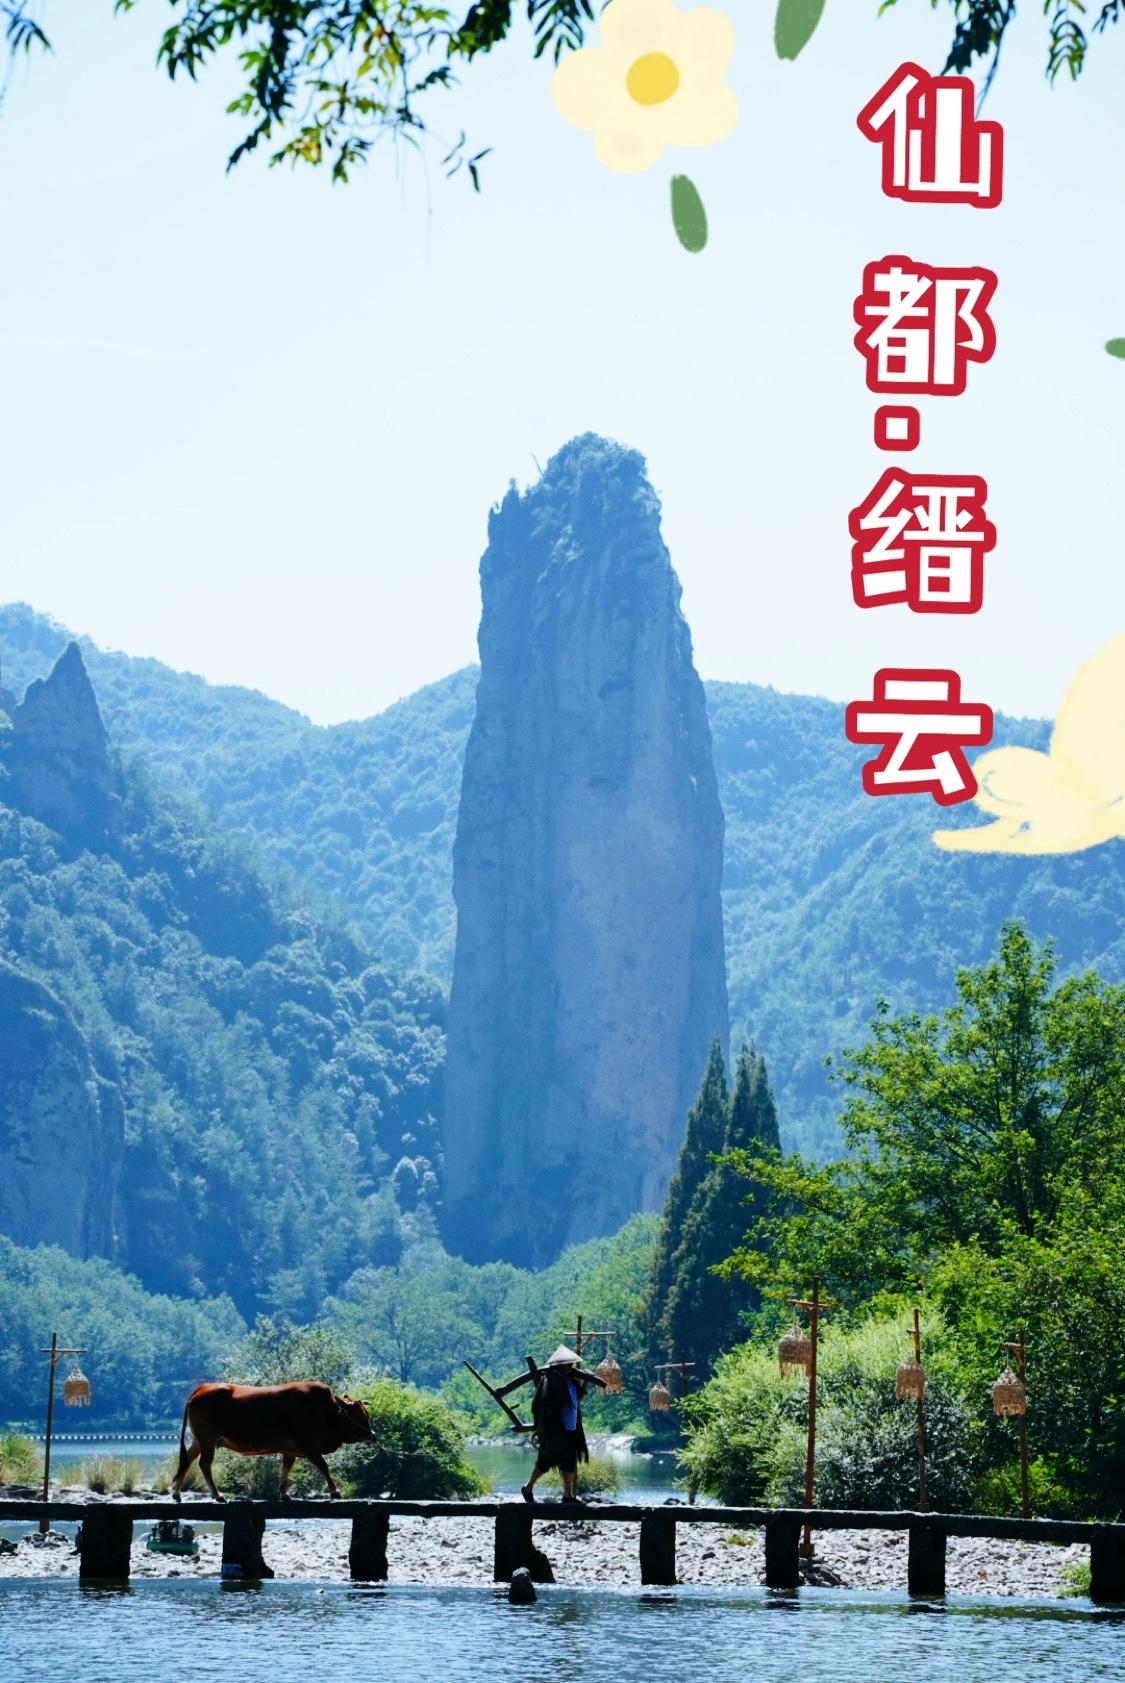 江浙沪包邮区推荐一处仙境,仅需2晚3天,国庆长假余额足还来得及